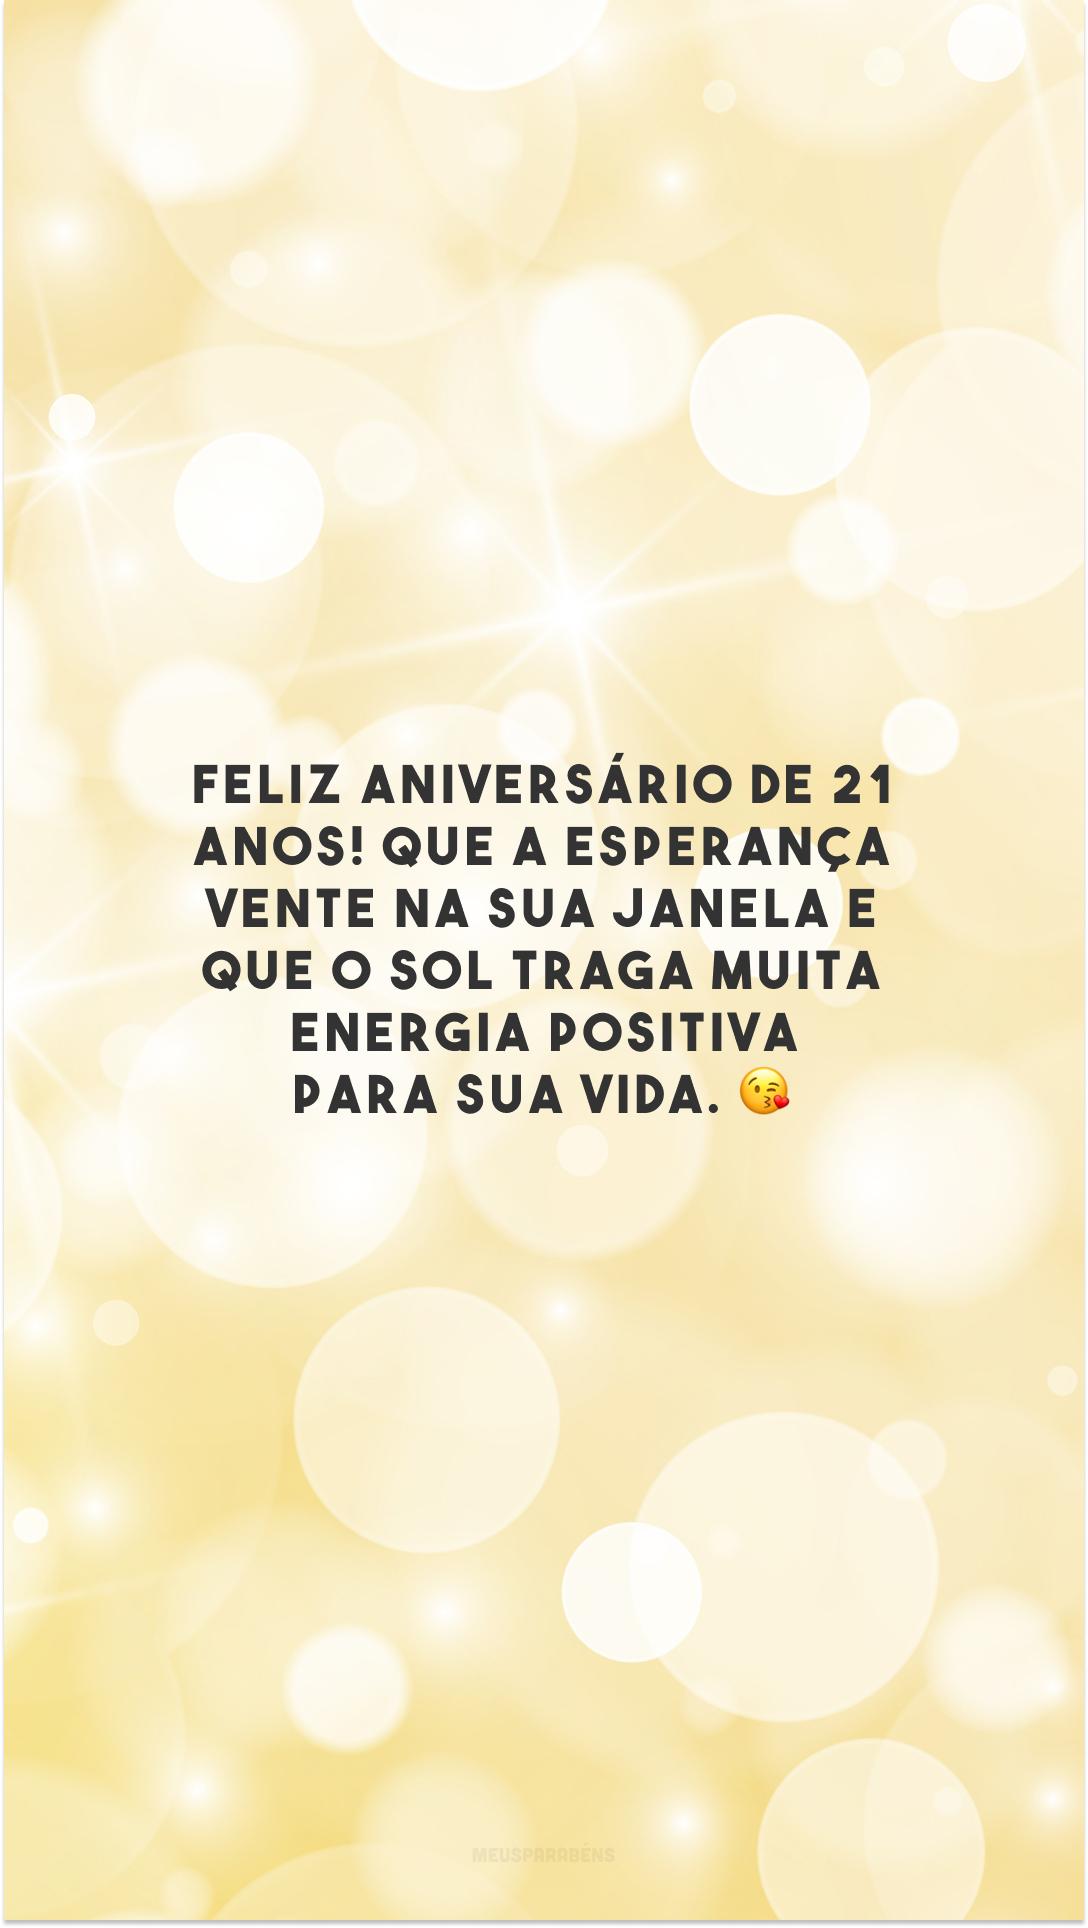 Feliz aniversário de 21 anos! Que a esperança vente na sua janela e que o sol traga muita energia positiva para sua vida. 😘